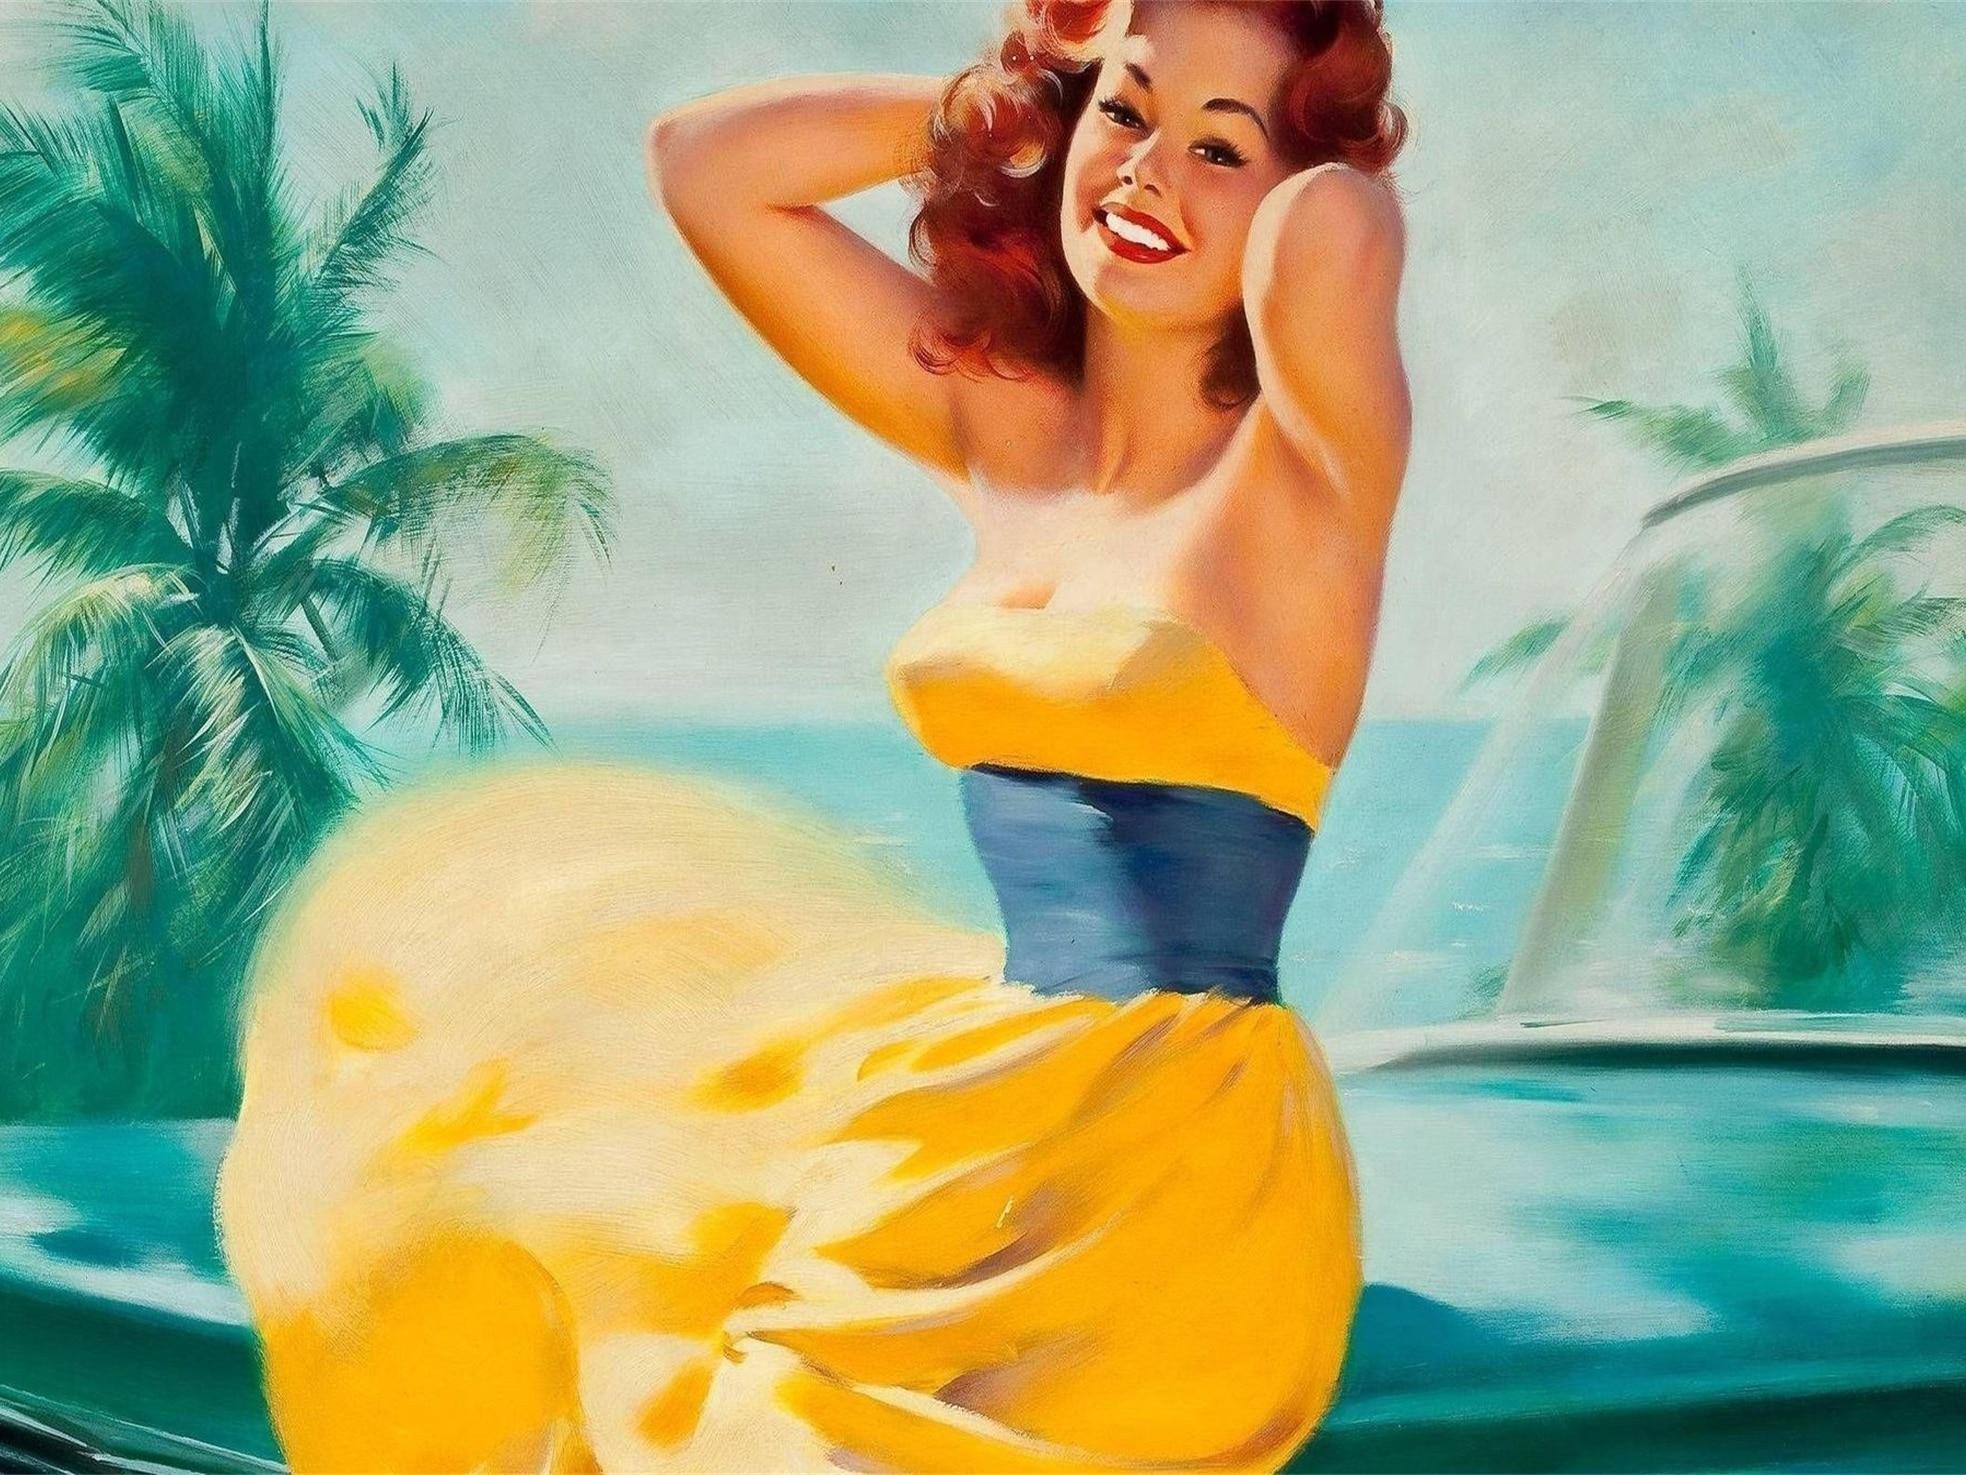 Bikini Sunbathing Pin Up Girl Pop Art Propaganda Retro Vintage Kraft ...